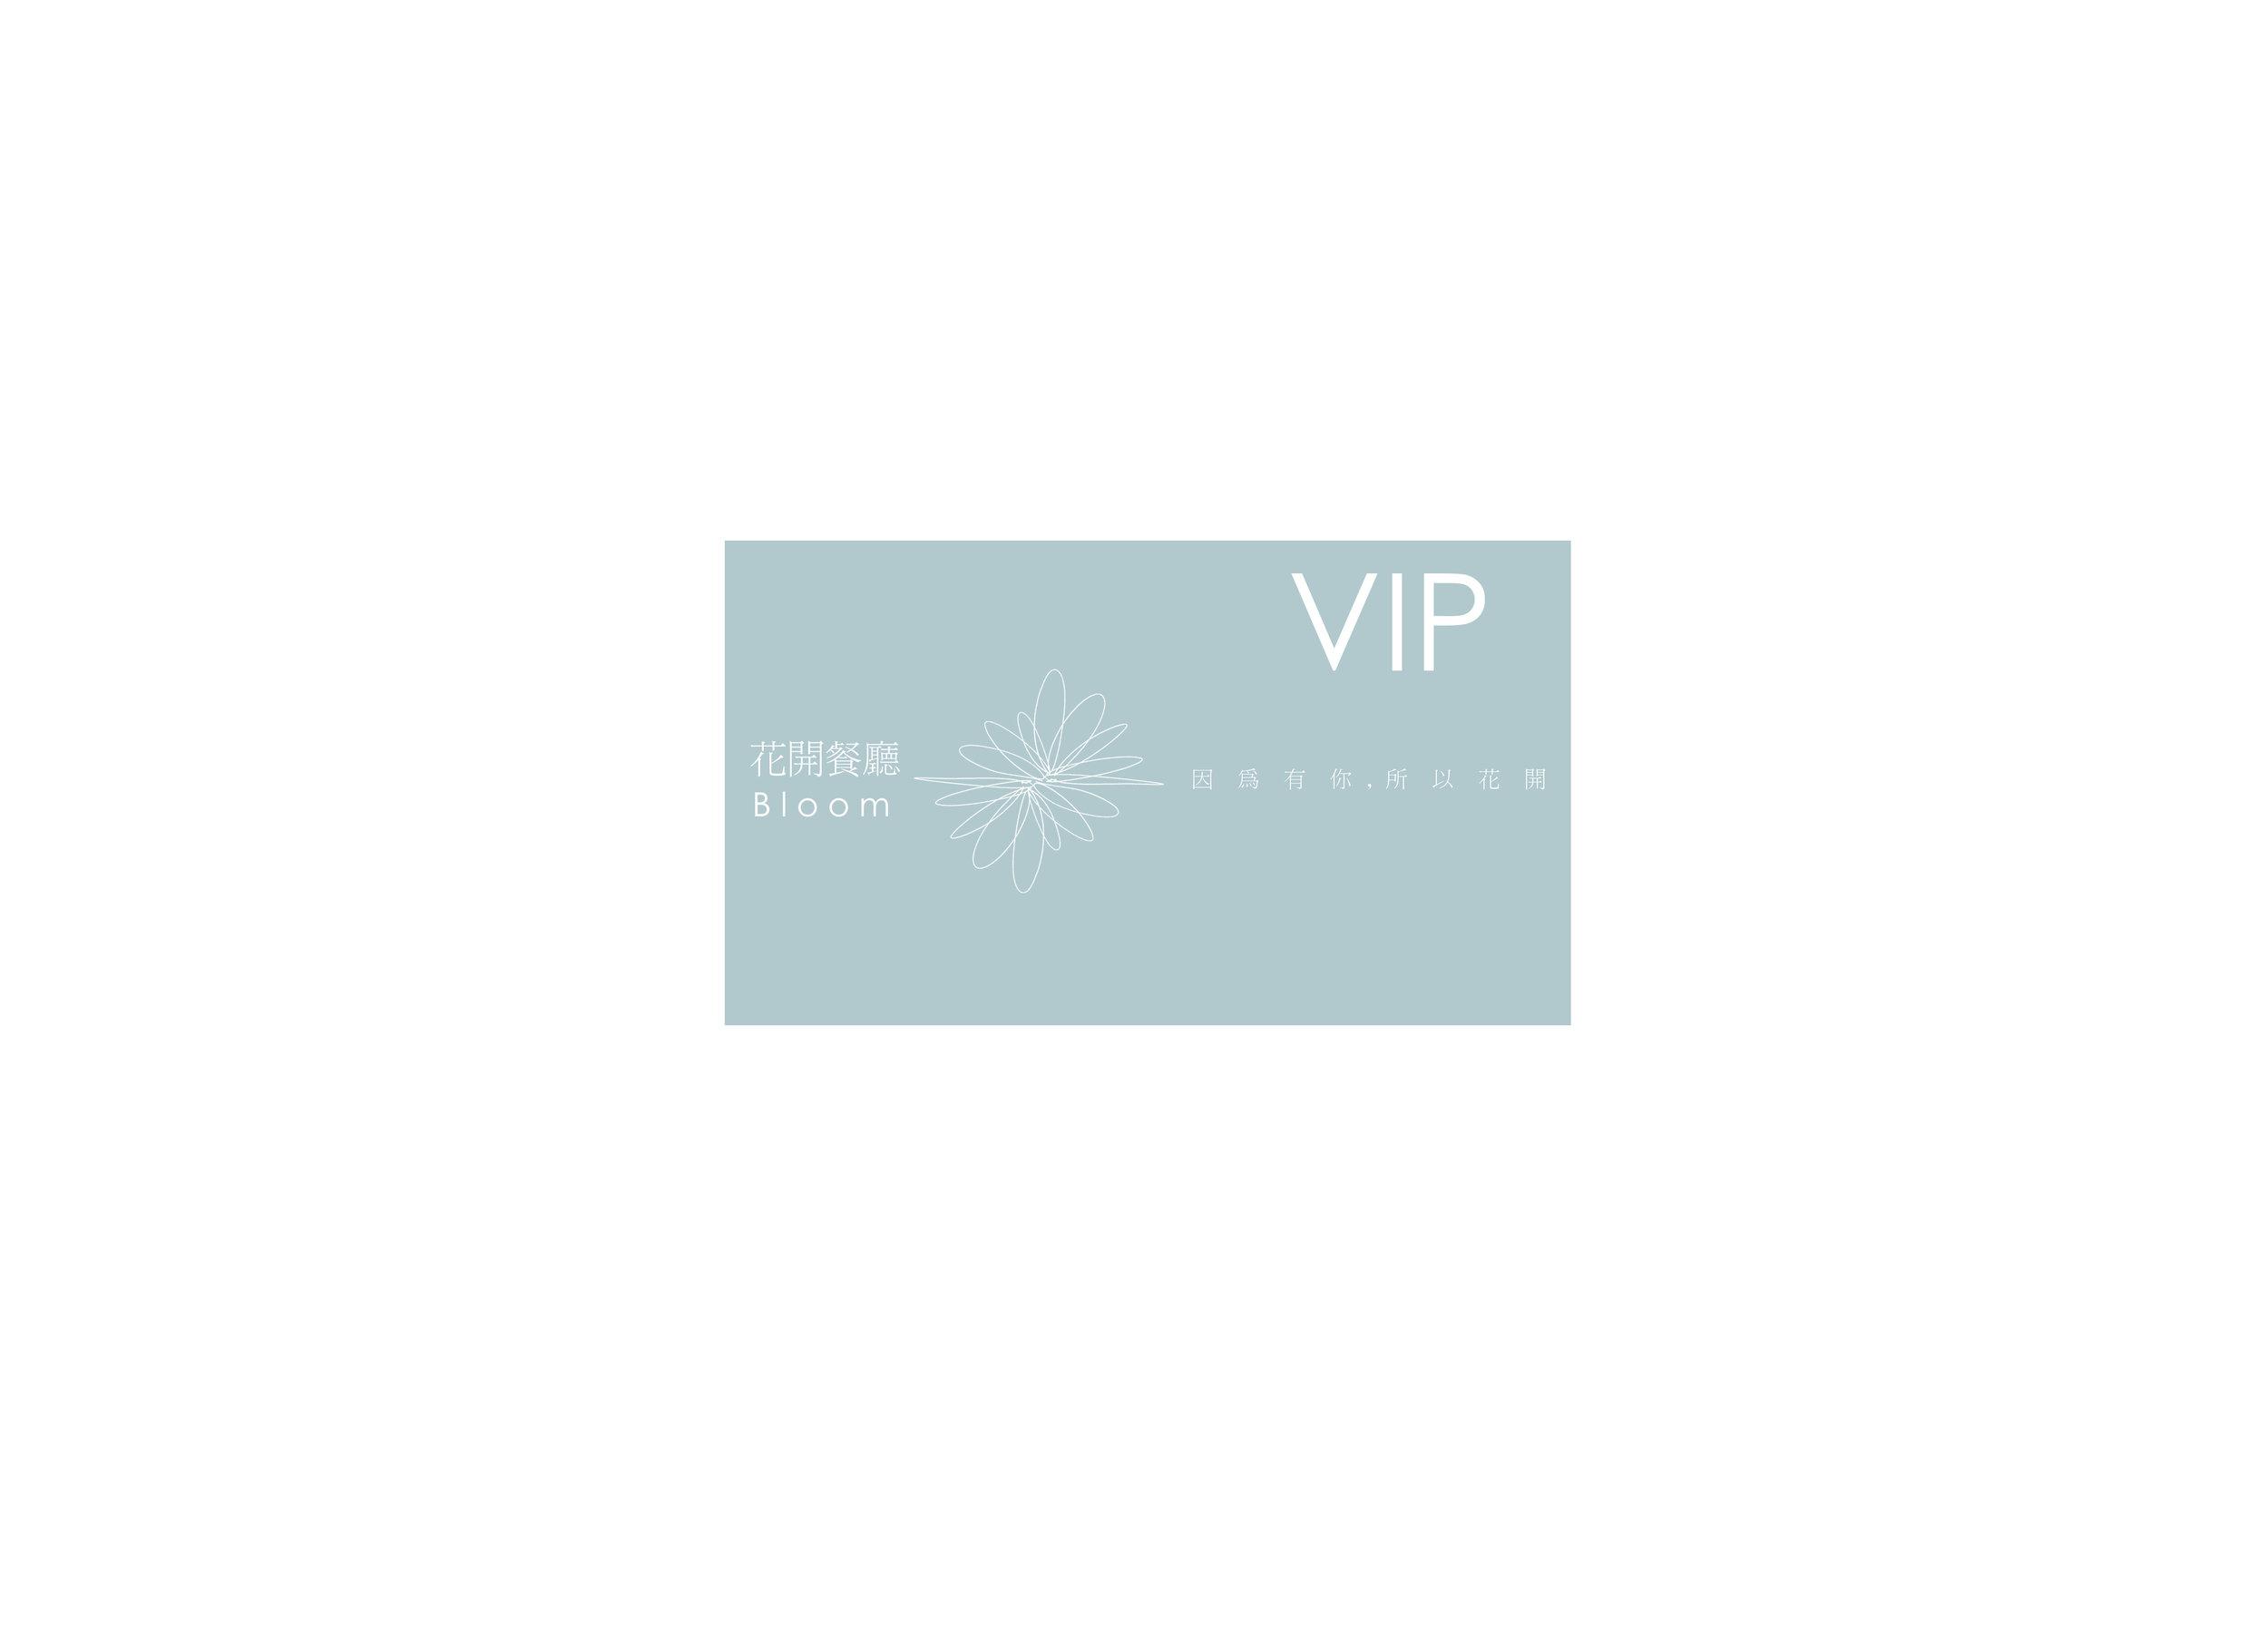 VIP卡.jpg